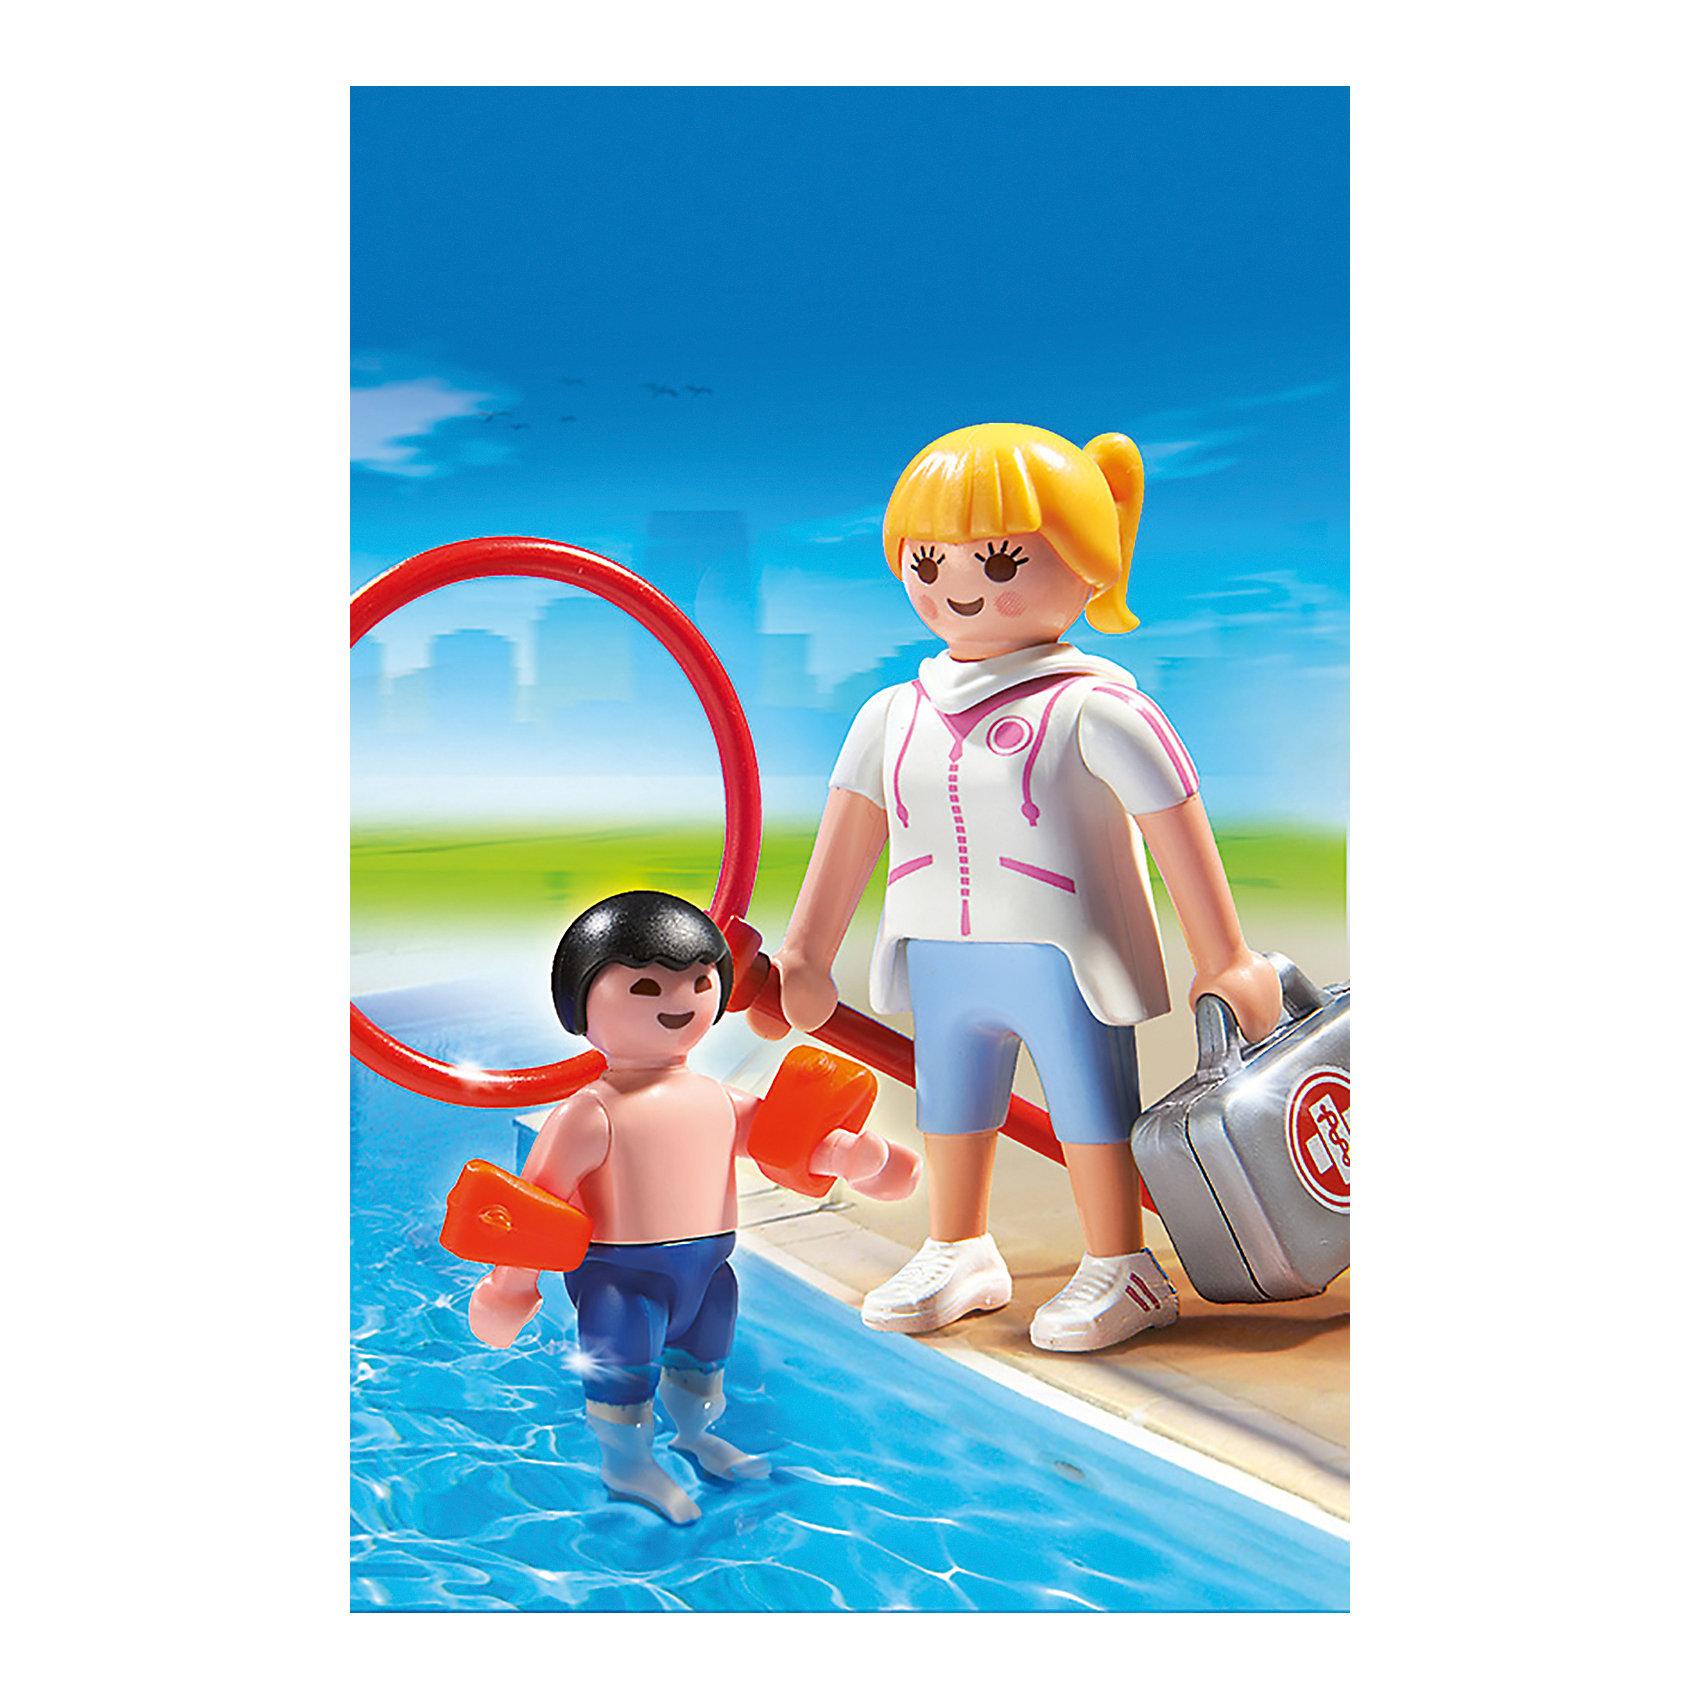 PLAYMOBIL® Аквапарк: Супервайзер в бассейне, PLAYMOBIL